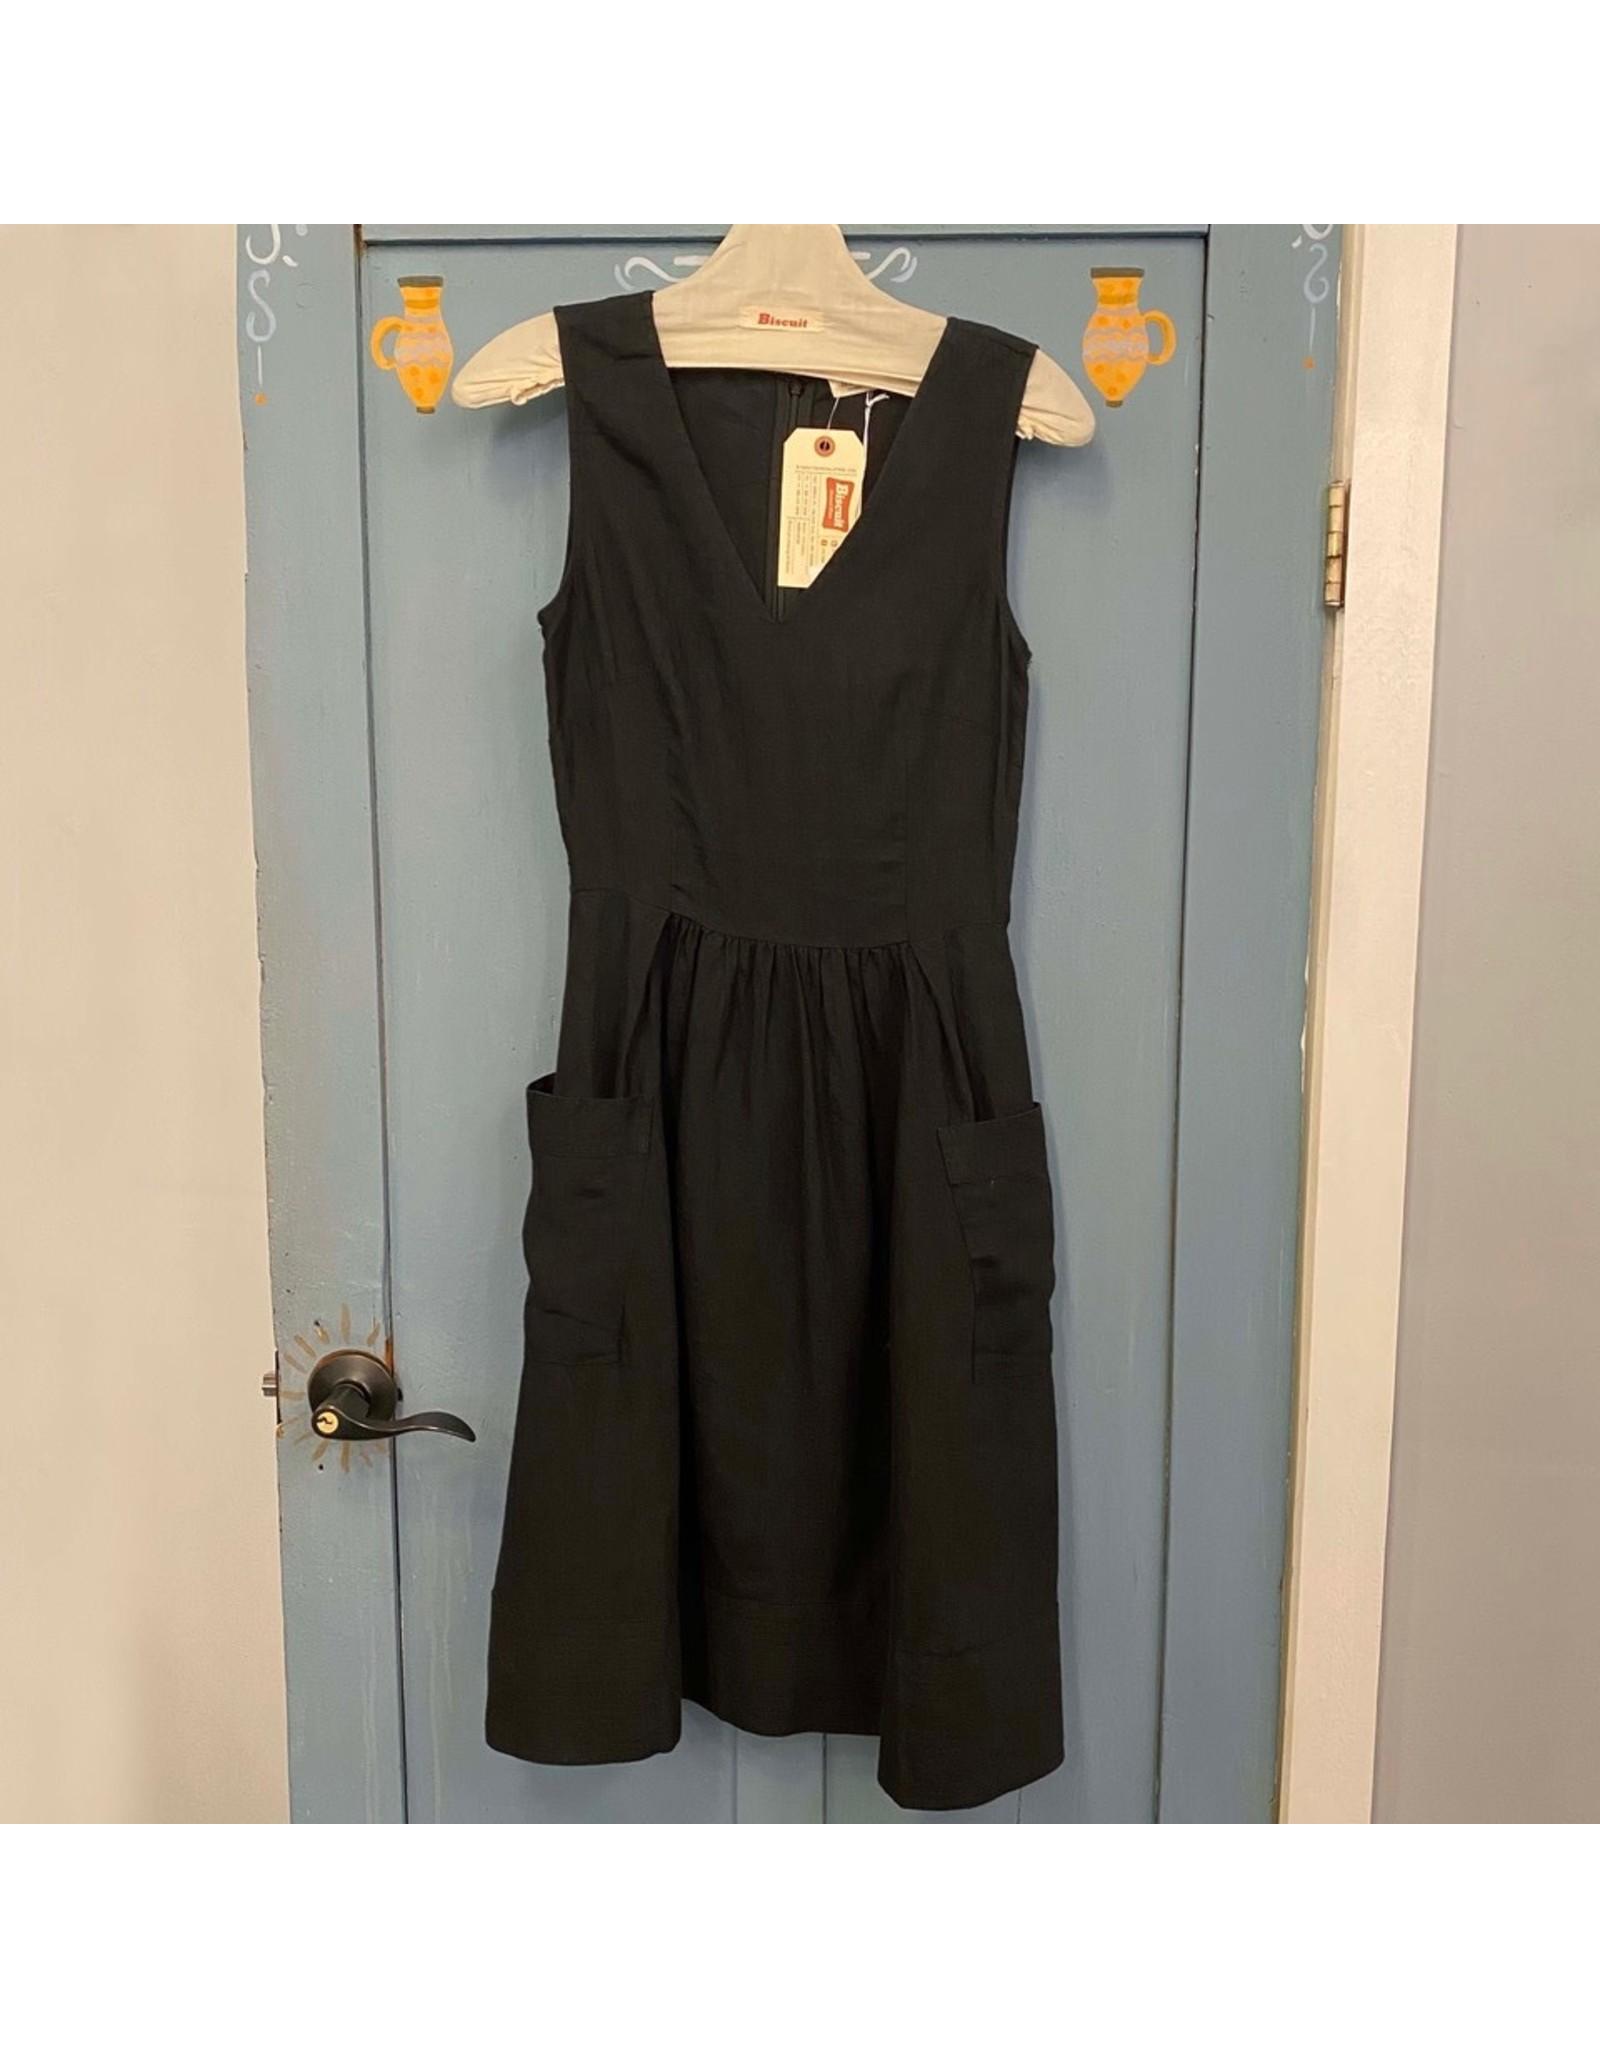 Naif - Linen V-Neck Sleeveless Dress/Black or Marina